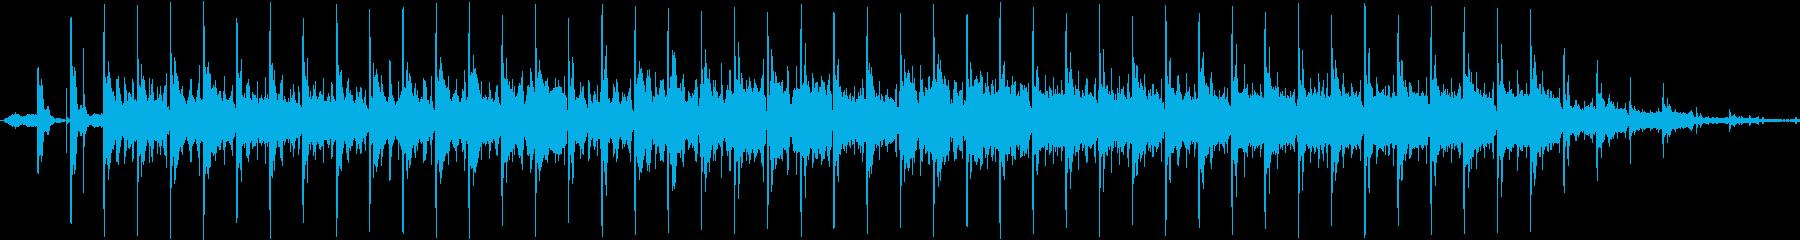 アンビエントシンセとエスニックパー...の再生済みの波形